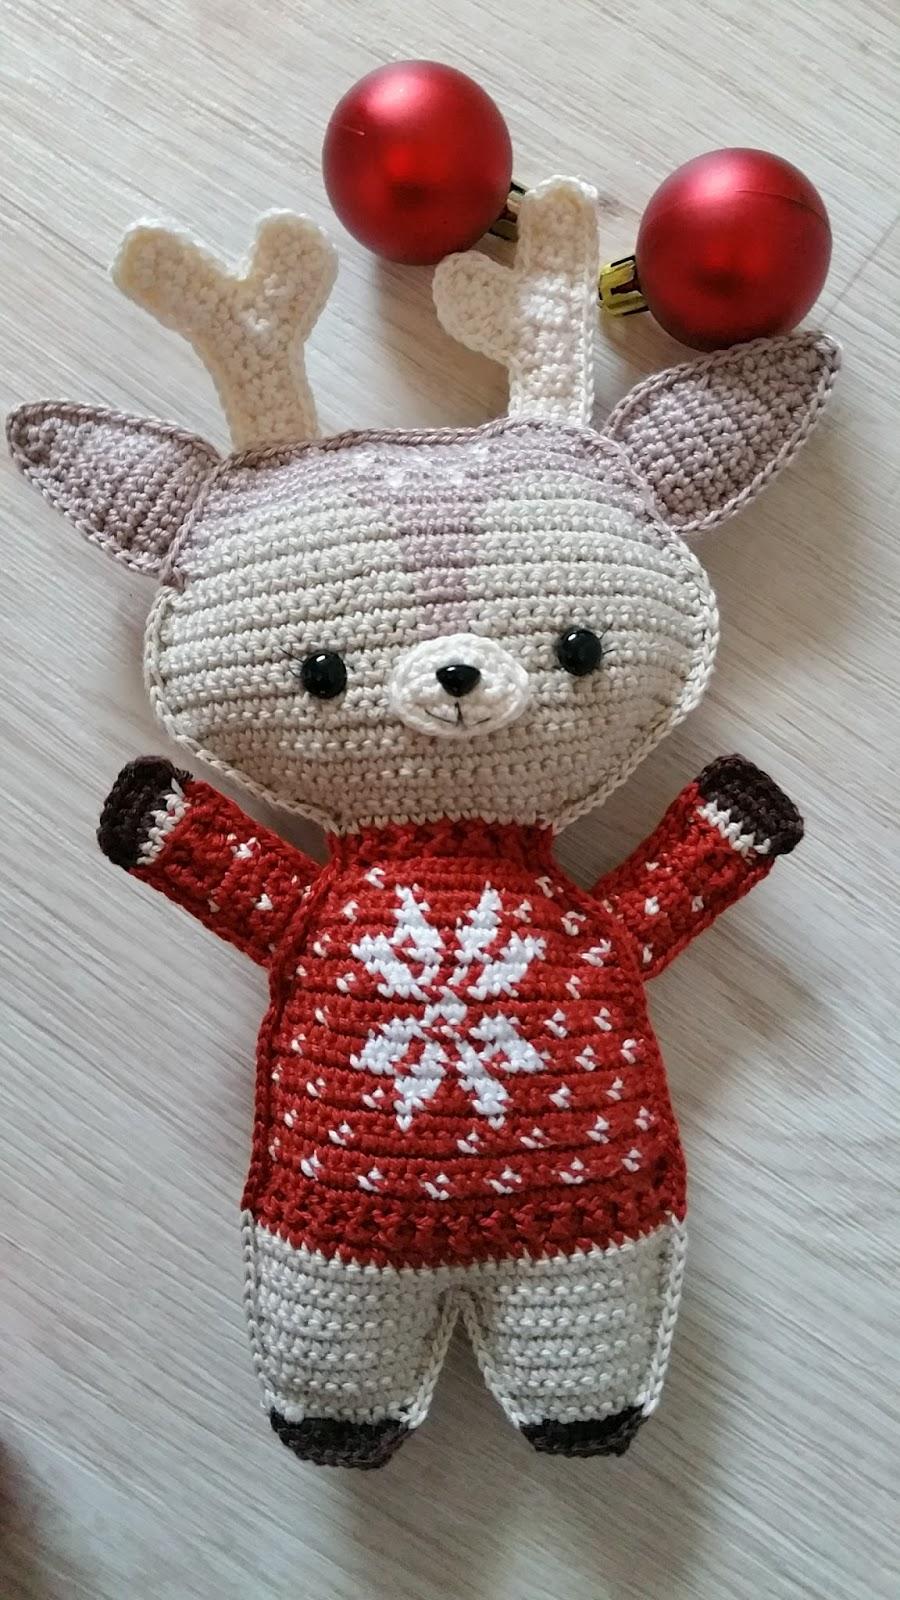 Knoopjesz Haken Hertje Holiday Reindeer